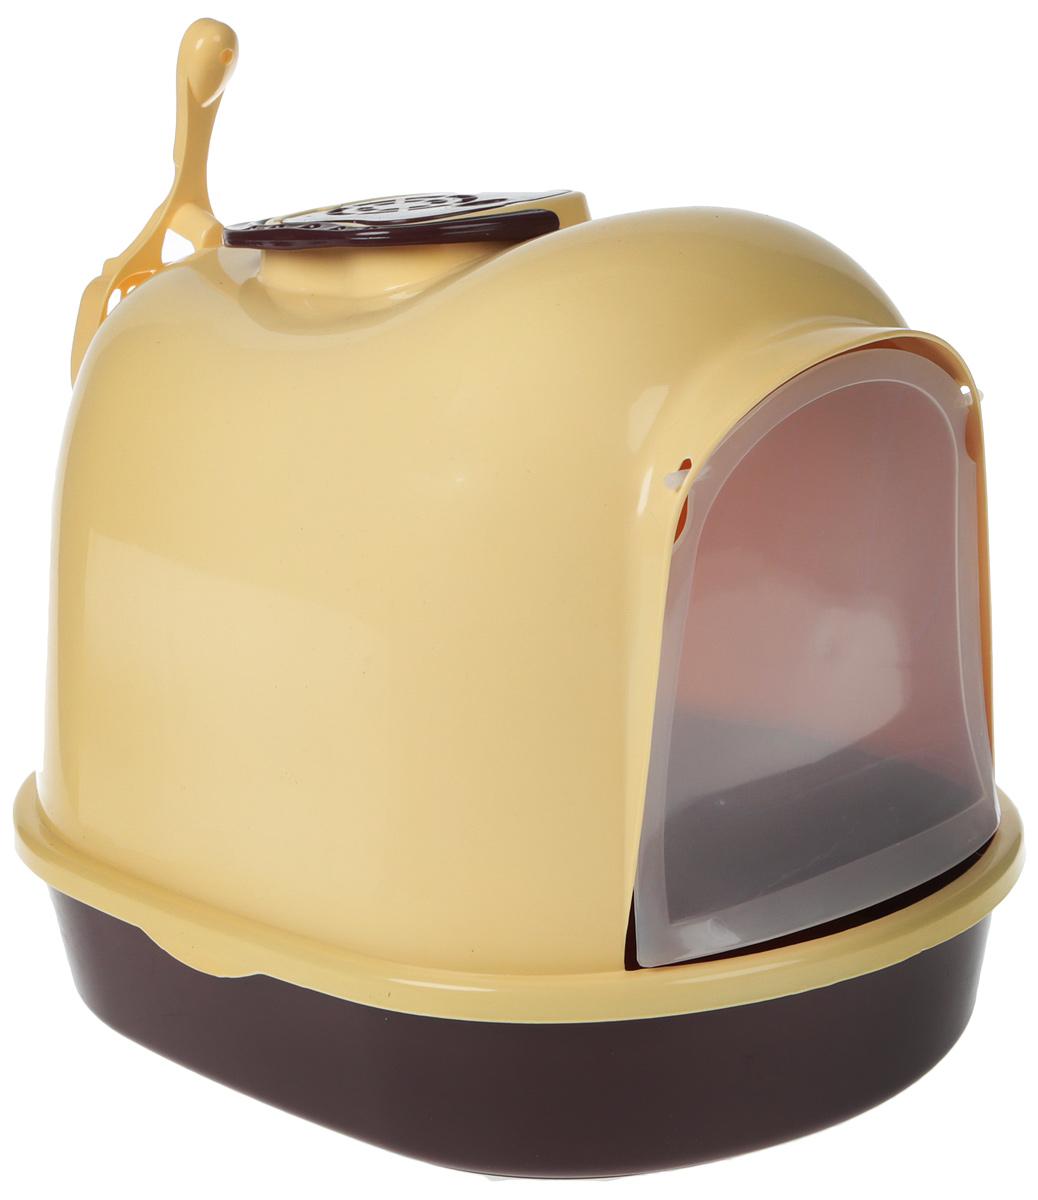 Туалет-бокс для кошек №1, цвет: желтый, коричневый, 49 х 37,5 х 39 см туалет для кошек curver pet life закрытый цвет кремово коричневый 51 х 39 х 40 см